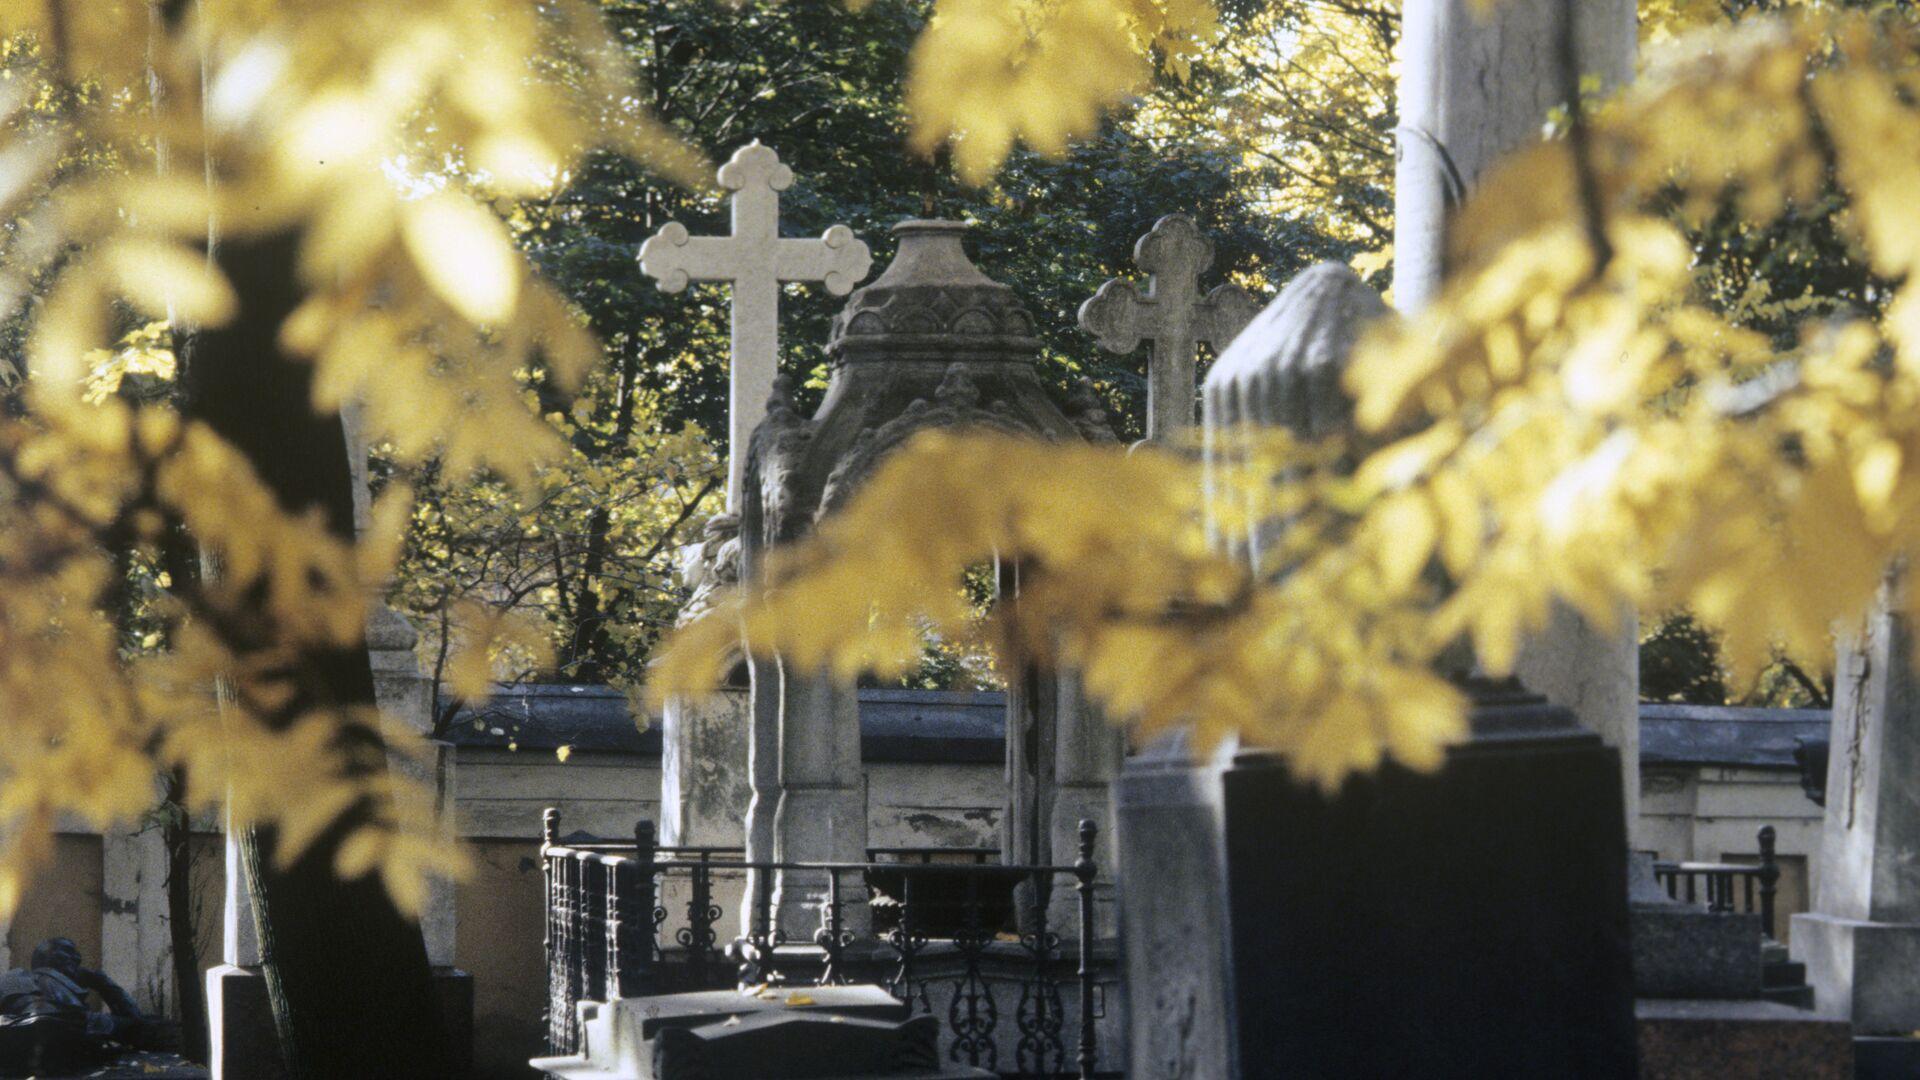 Могильные надгробия в некрополе Александро-Невской Лавры - РИА Новости, 1920, 15.05.2020